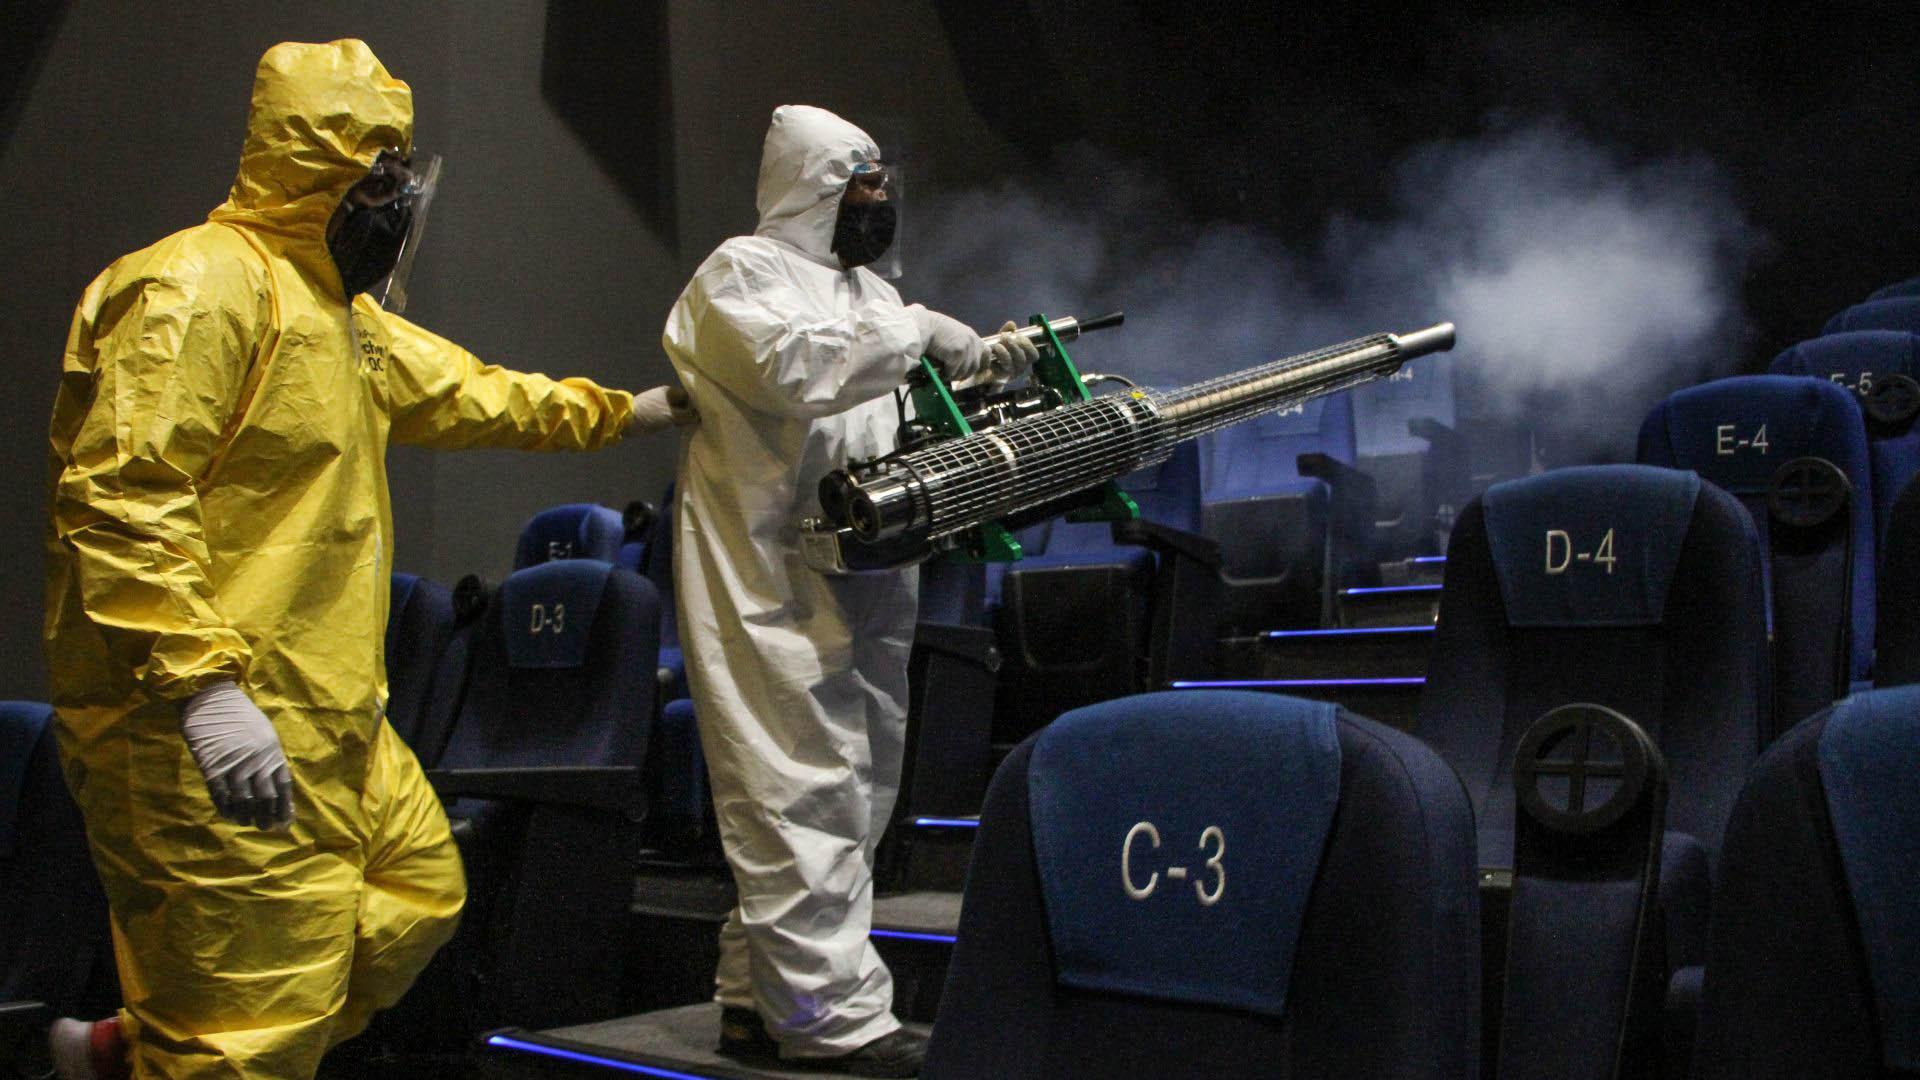 Trabajadores realizan labores de desinfección en una de las salas (Foto: Cuartoscuro)